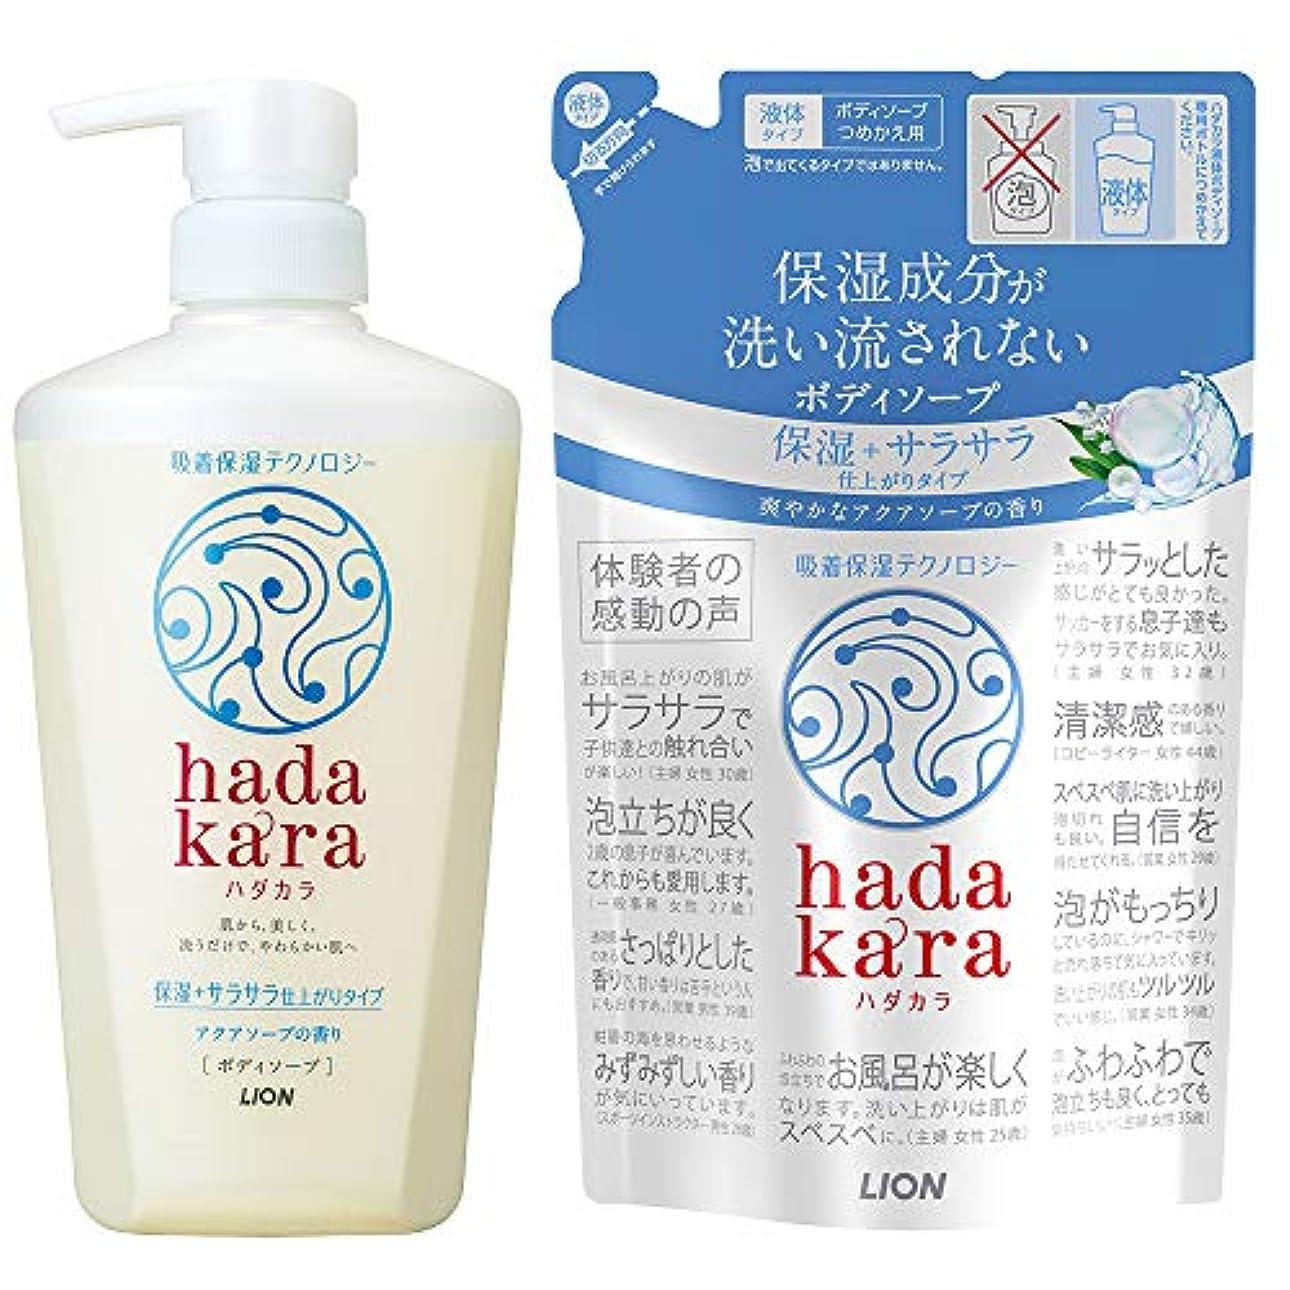 詳細なまばたき不運hadakara(ハダカラ)ボディソープ 保湿+サラサラ仕上がりタイプ アクアソープの香り 本体 480ml + つめかえ 340ml